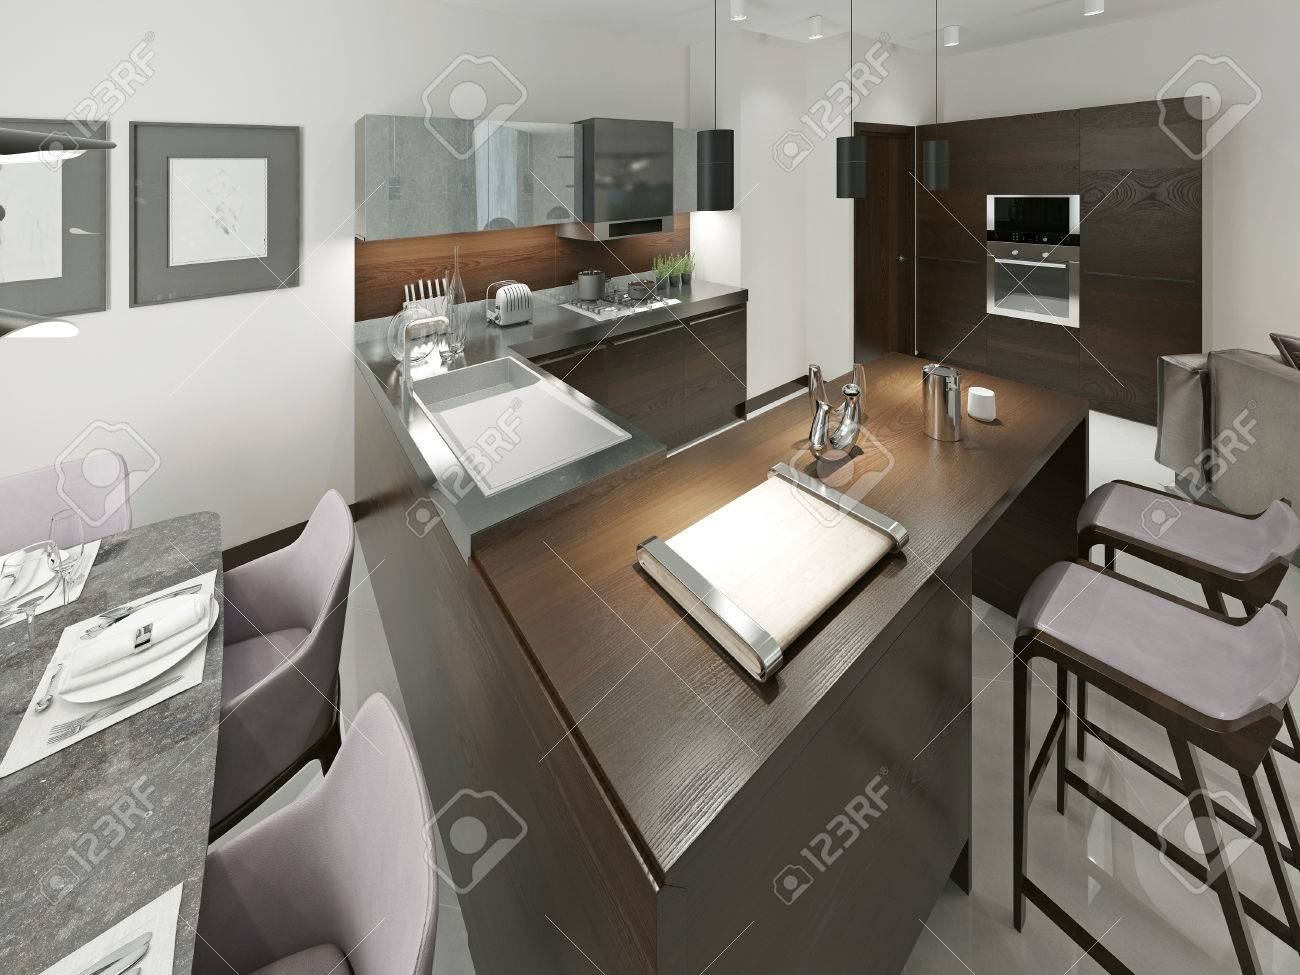 Interior De La Cocina Moderna Con Barra Y Taburetes. Muebles De ...